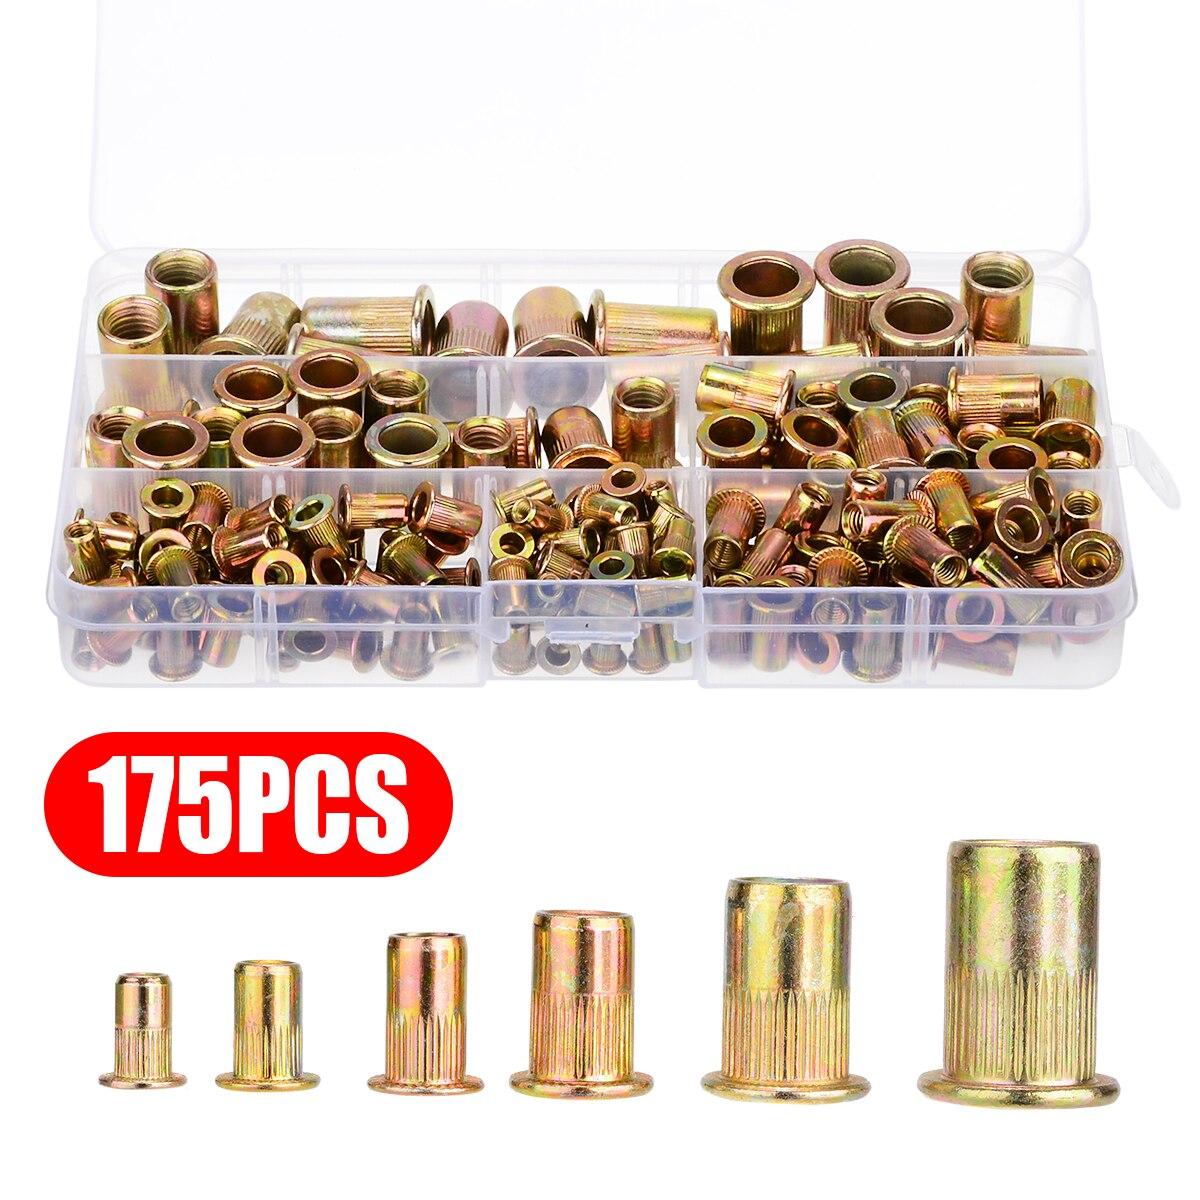 New 175pcs kit M3 M4 M5 M6 M8 M10 Zinc Plated Carbon Steel Nuts Rivnut Flat Head Threaded Rivet Insert Nutsert Cap Rivet Nut in Nuts from Home Improvement